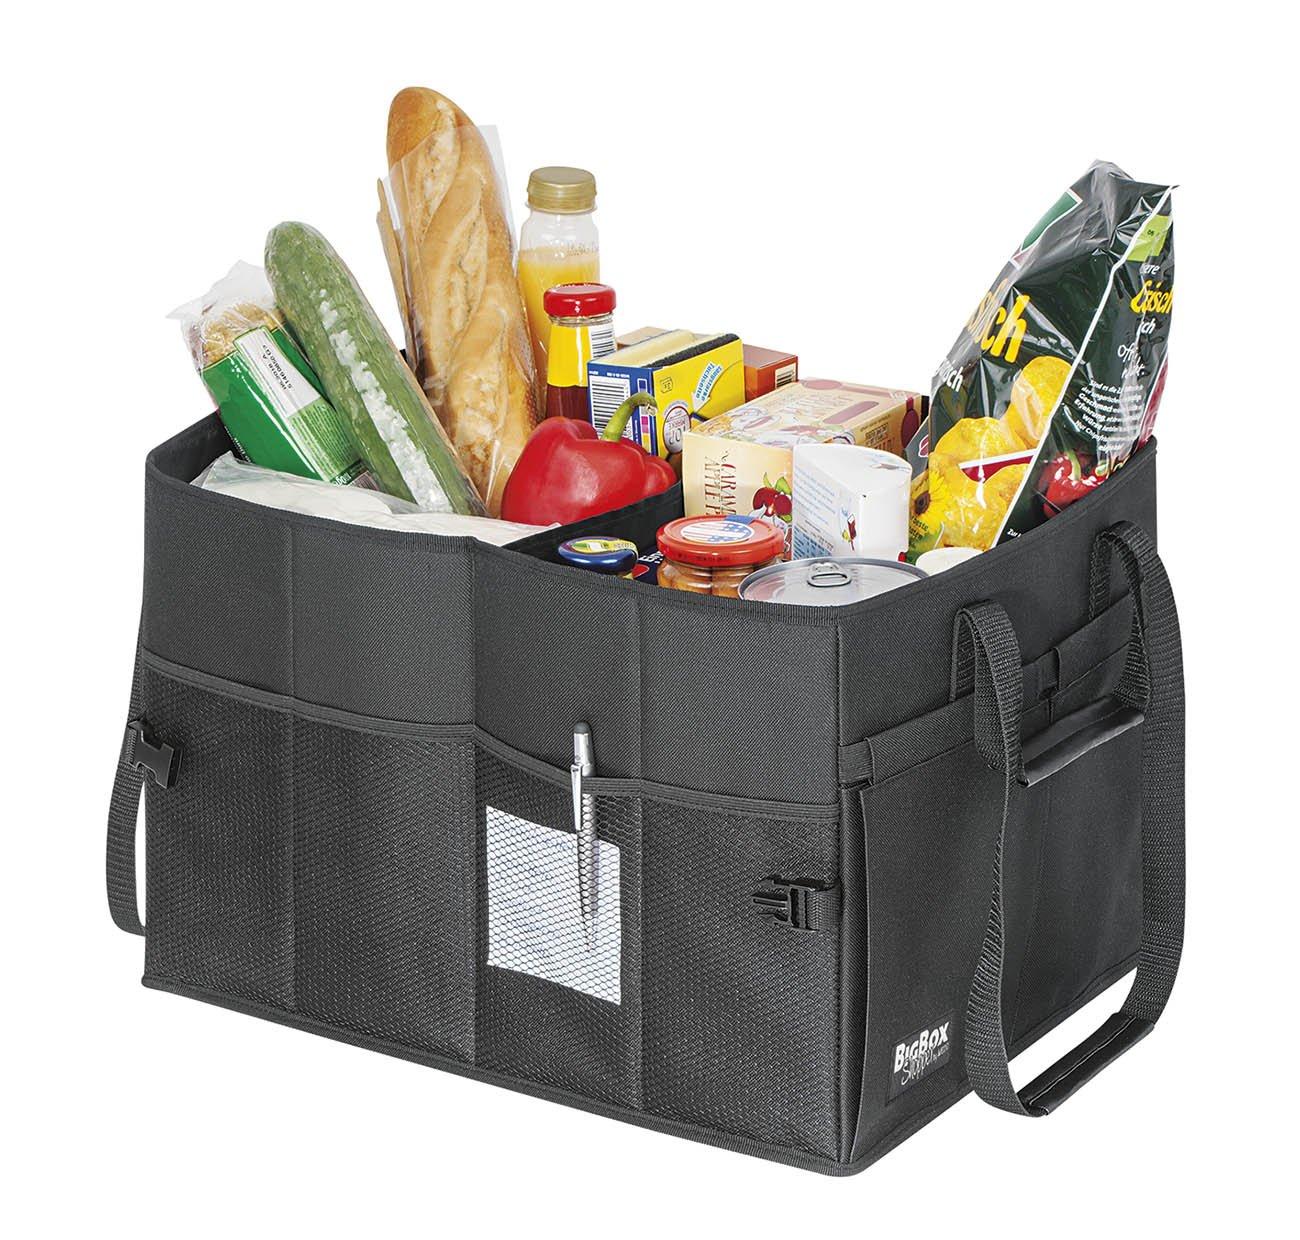 WEDO Bigbox Sacoche de Rangement L pour Coffre de Voiture 45 x 35 x 30 cm Noir